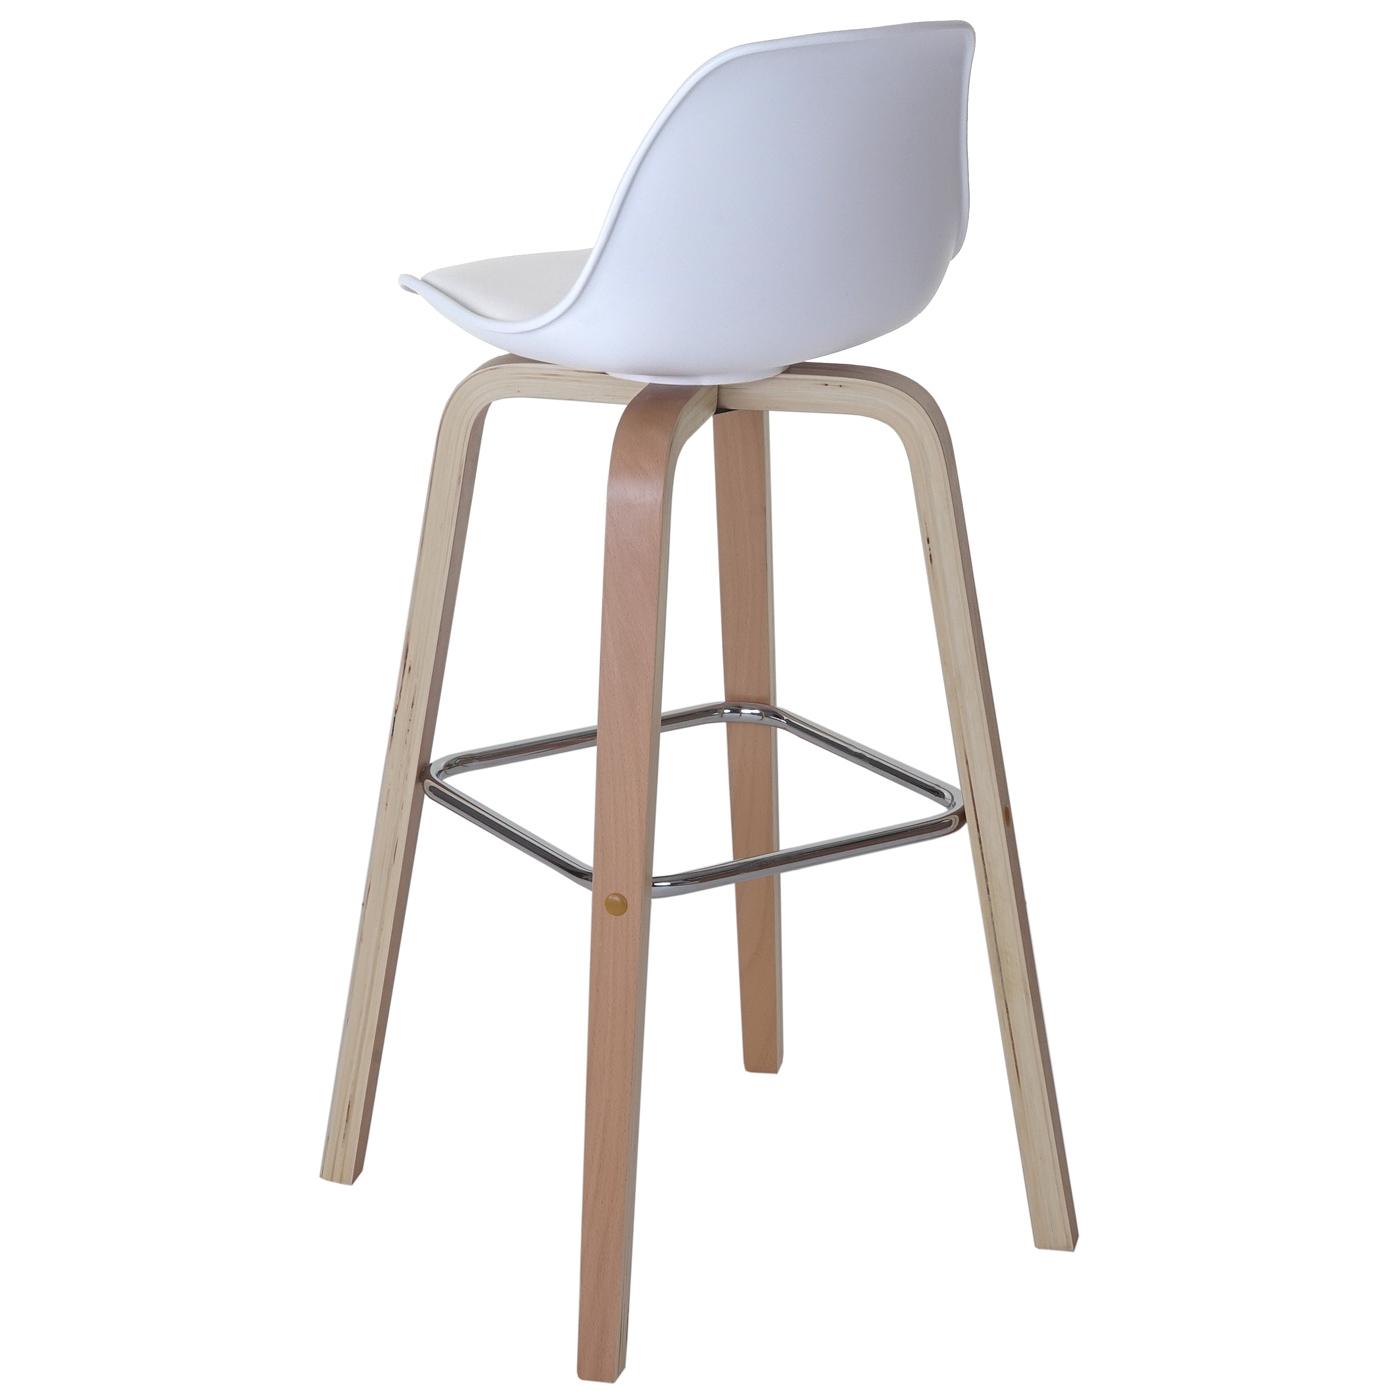 2x tabouret de bar palmdale chaise de comptoir avec dossier tissu blanc ebay. Black Bedroom Furniture Sets. Home Design Ideas